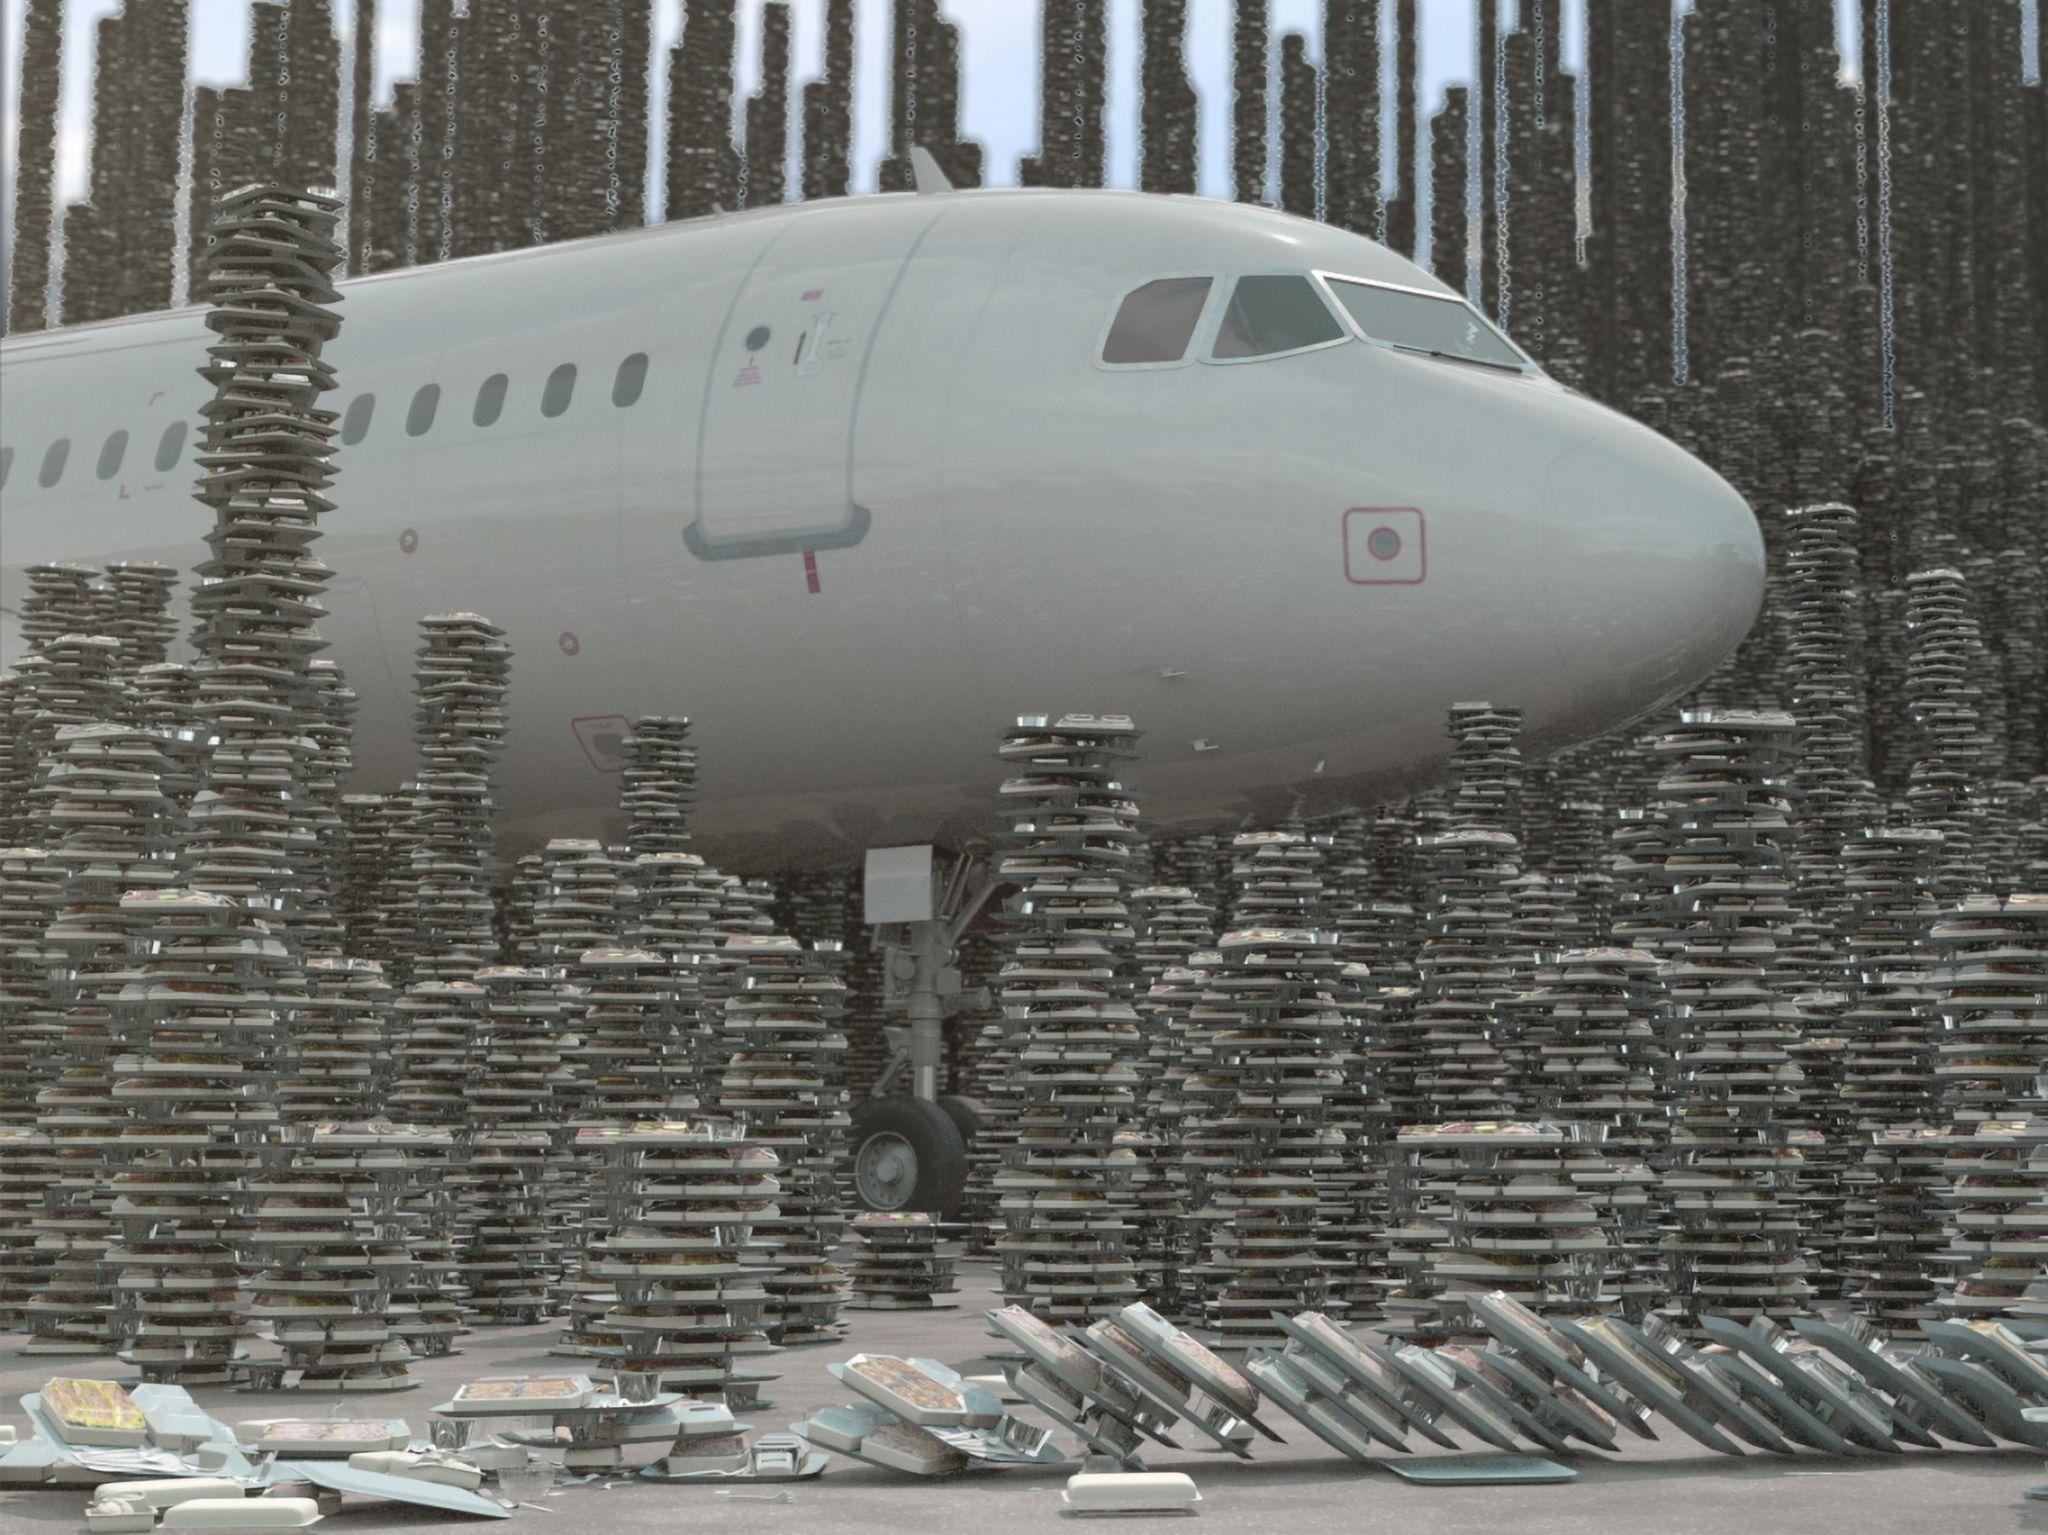 صورة انشأها الحاسوب للجزء الأمامي من طائرة على مدرج... [Photo of the day - أغسطس 2020]